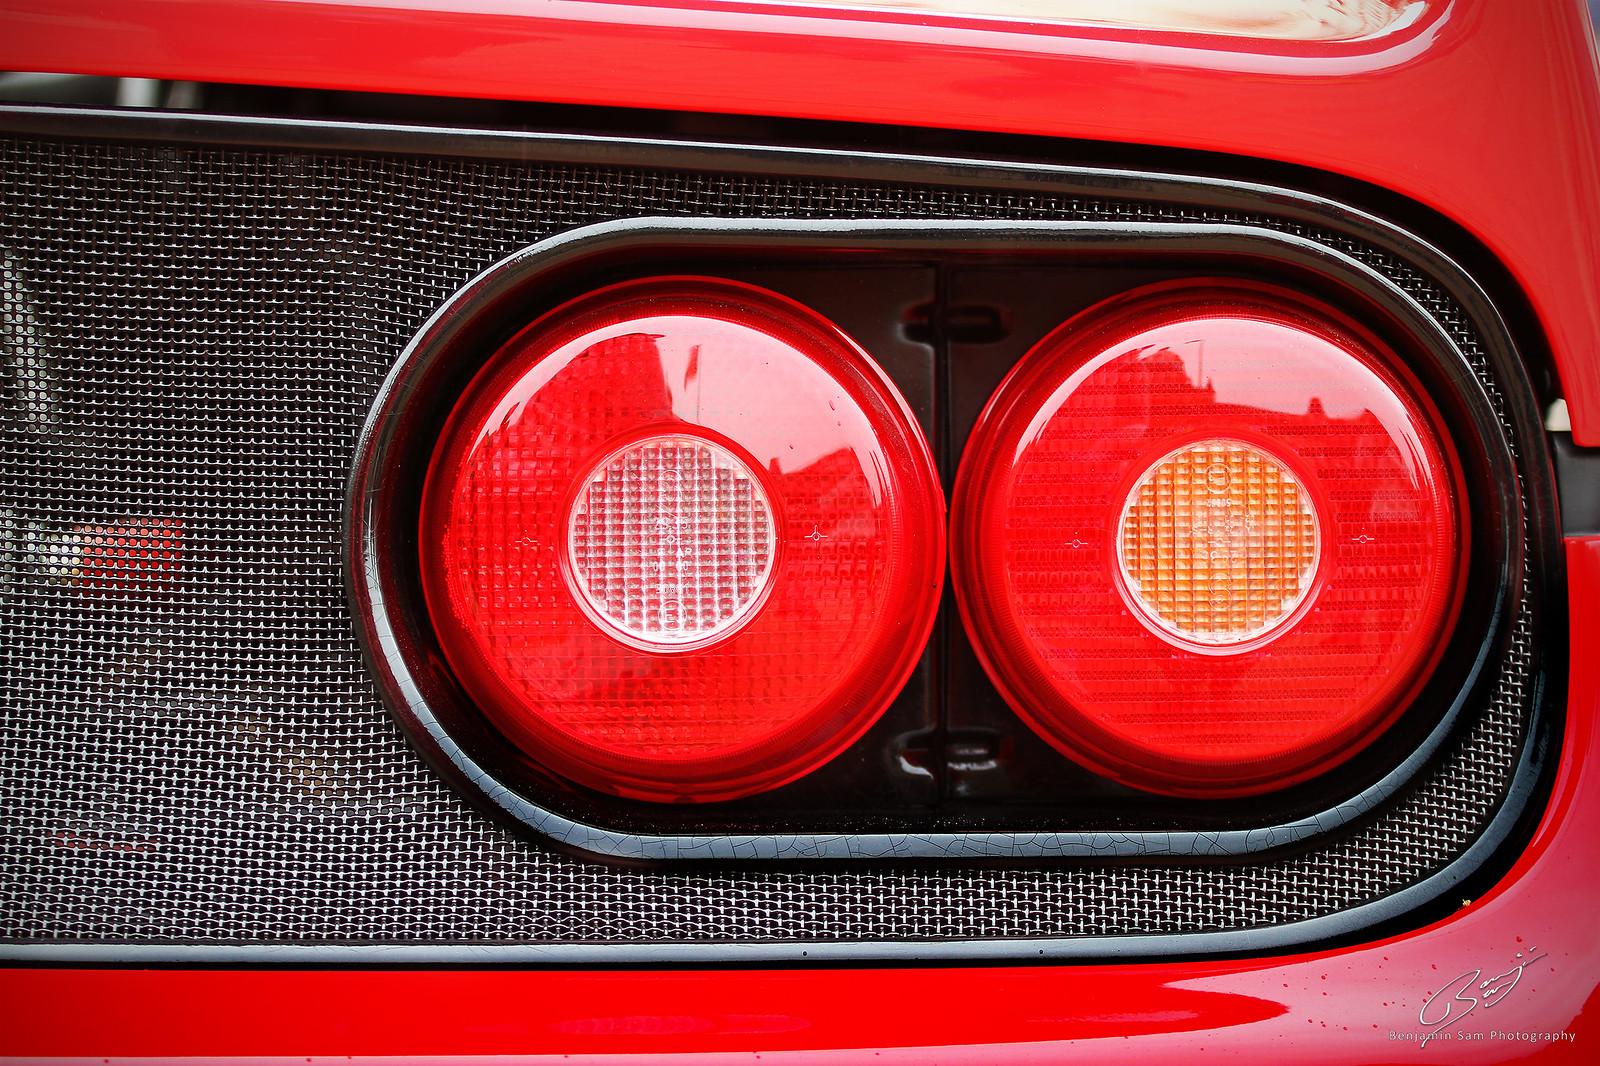 F50 Rear Lights